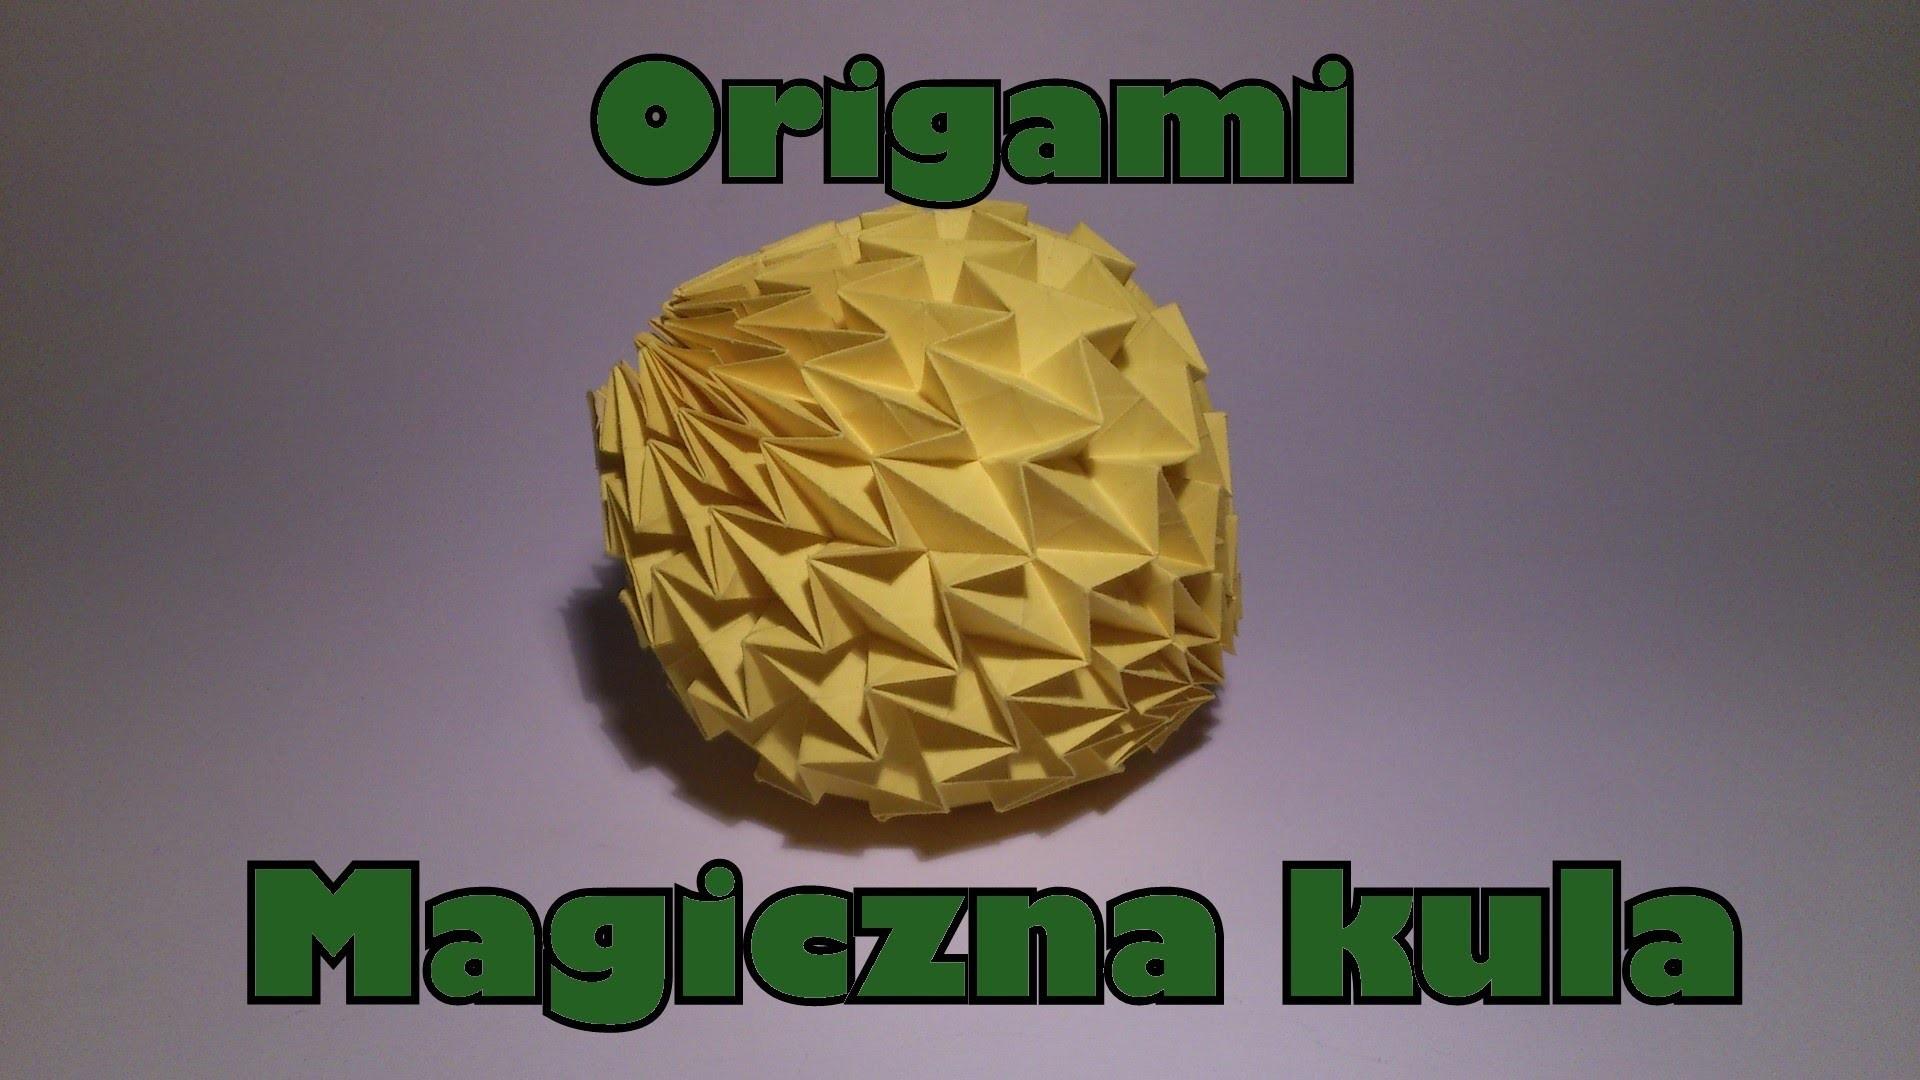 Origami - Magiczna kula